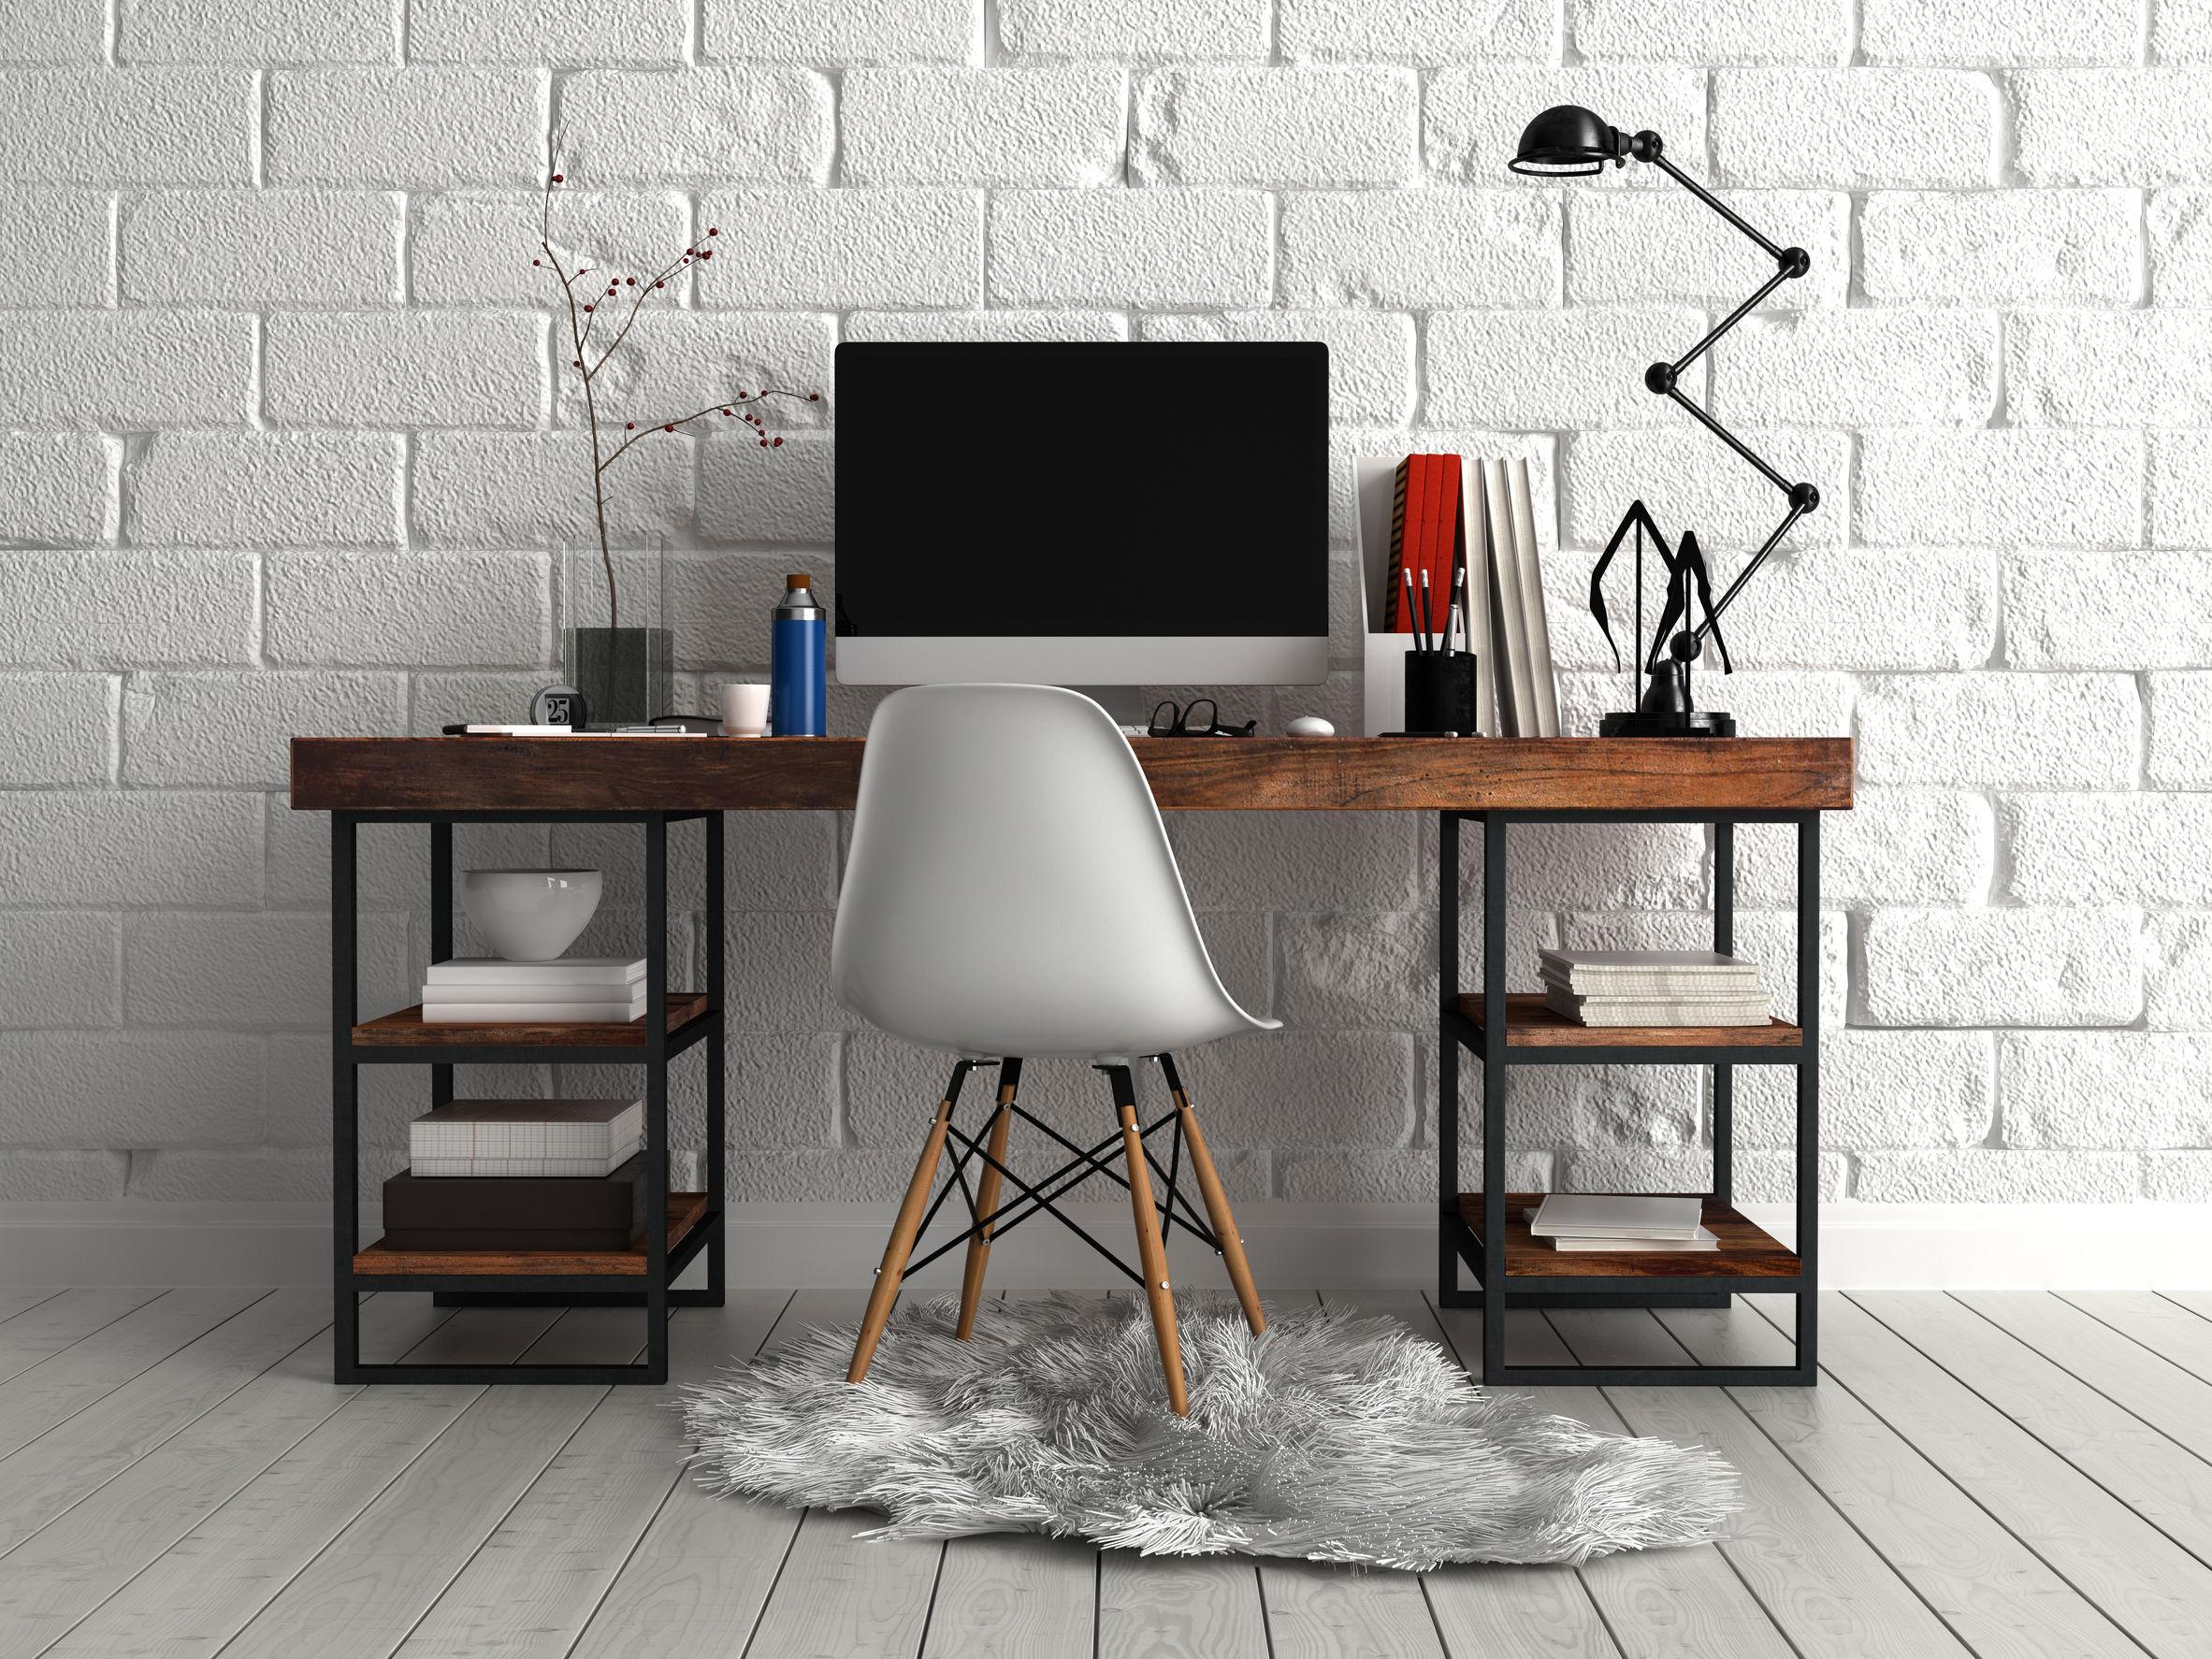 Kettler Schreibtisch: Test & Empfehlungen (09/20)